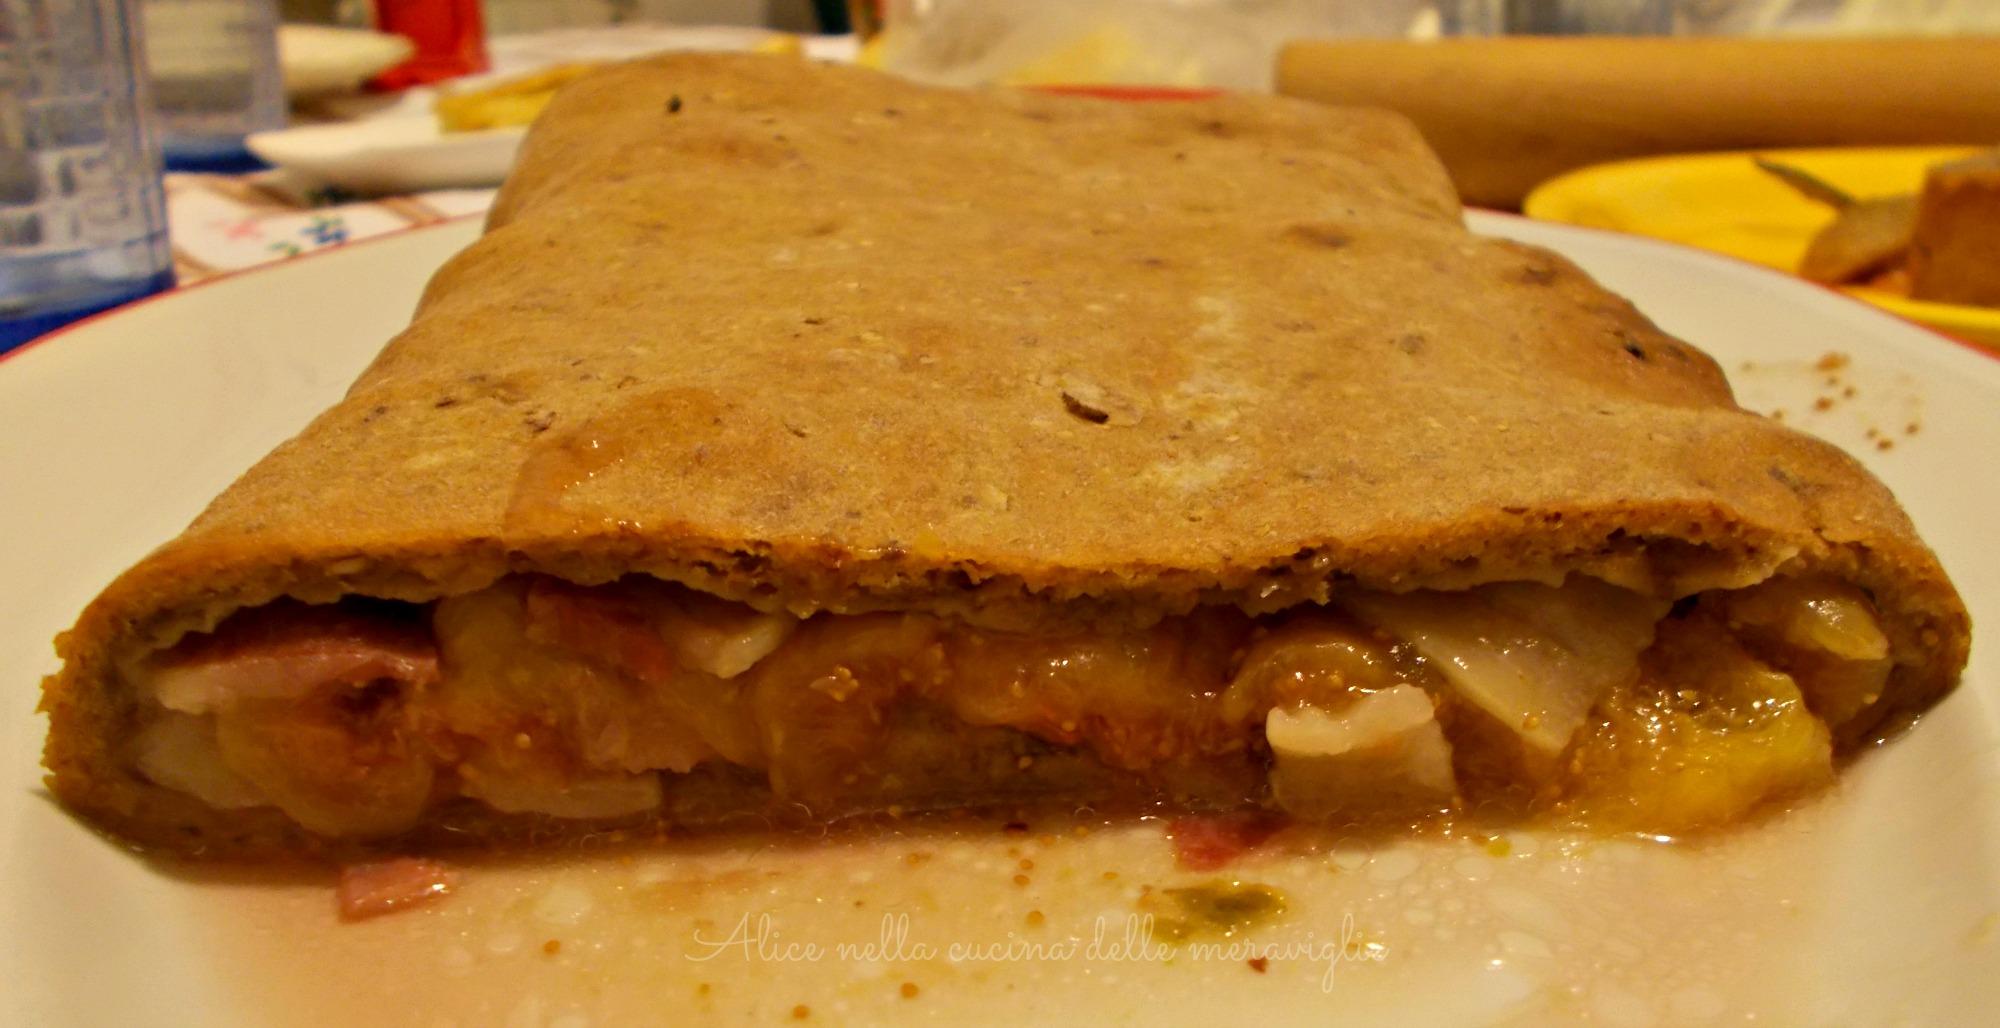 Pane ai cereali ripieno di lardo e fichi Ricetta lievitato salato Alice nella cucina delle meraviglie